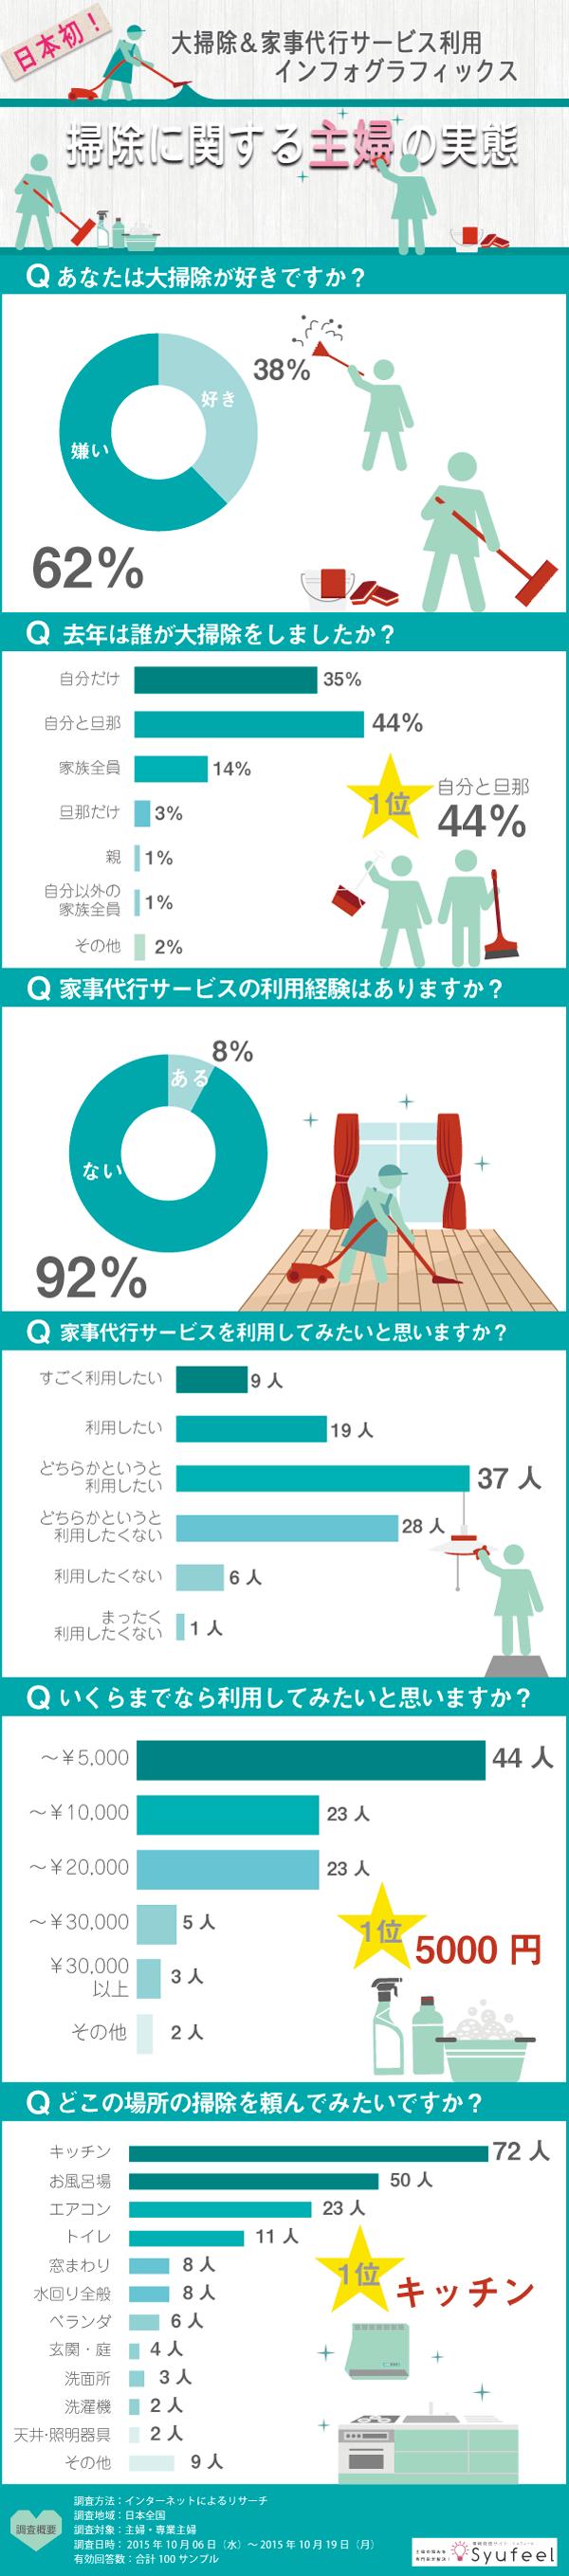 日本初!大掃除&家事代行サービスの利用実態インフォグラフィックス